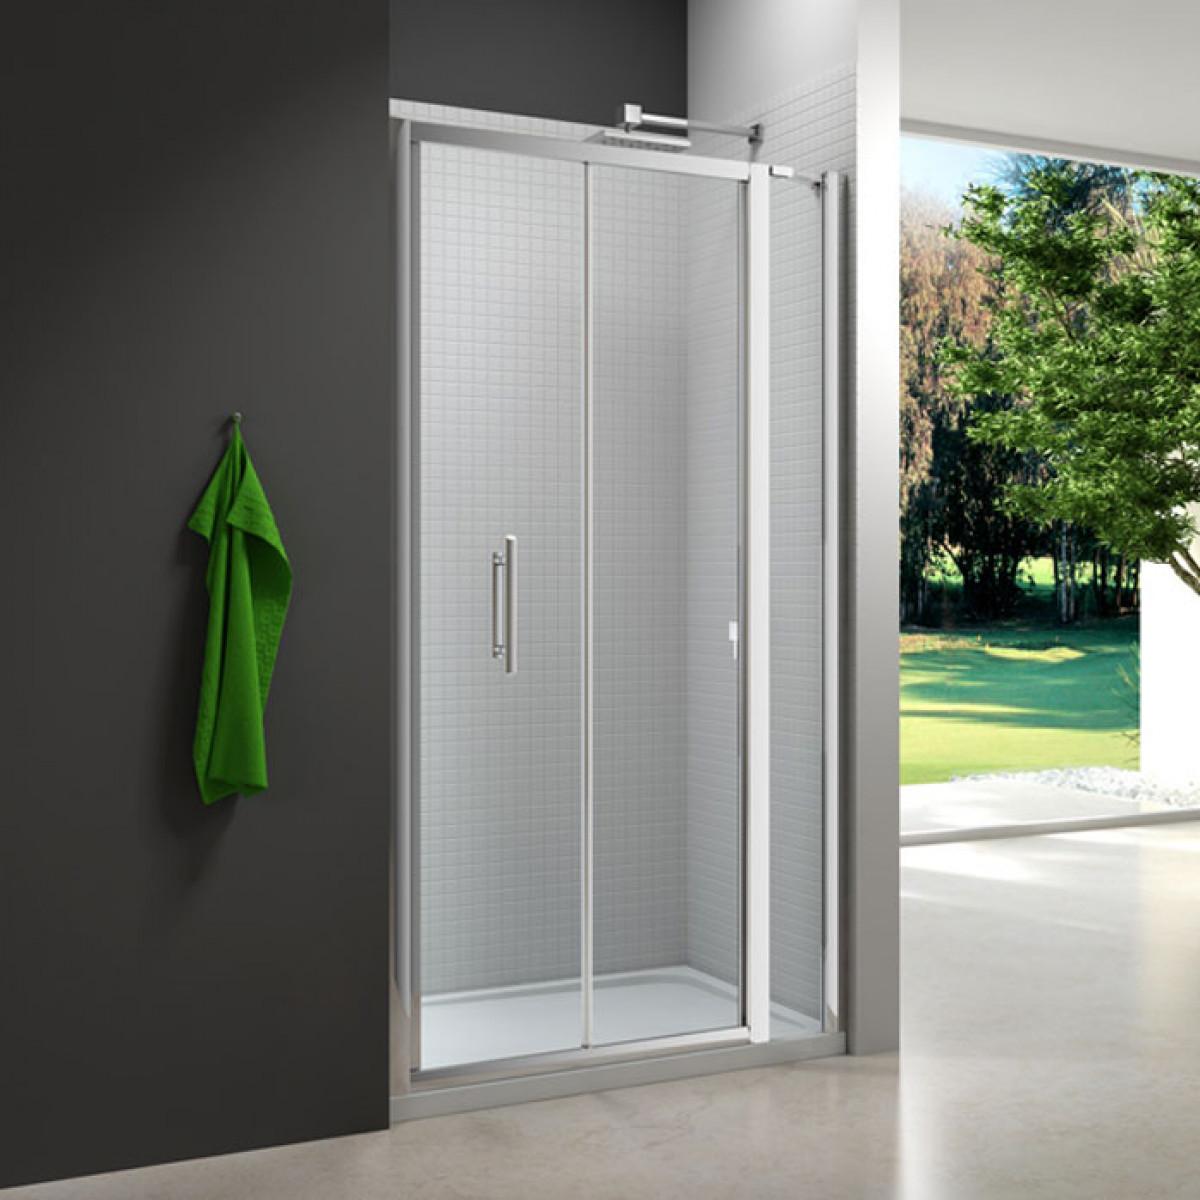 Merlyn 6 series 1000mm bifold shower door and inline panel for 1000mm door